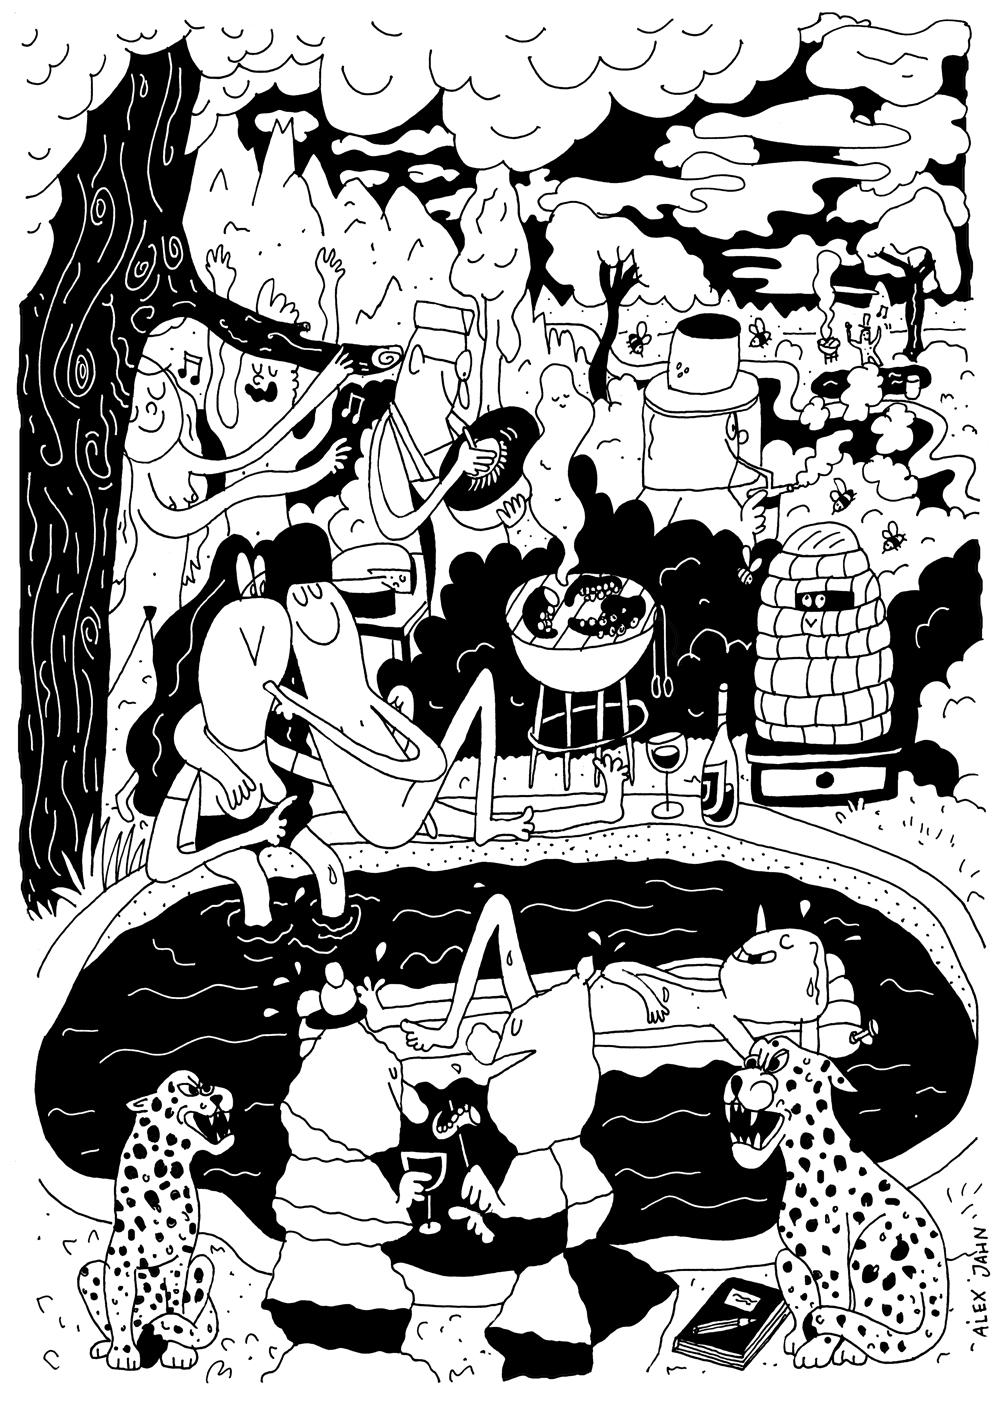 bi_161212_illustratoren_nrw_alexjahn_weekender_no20